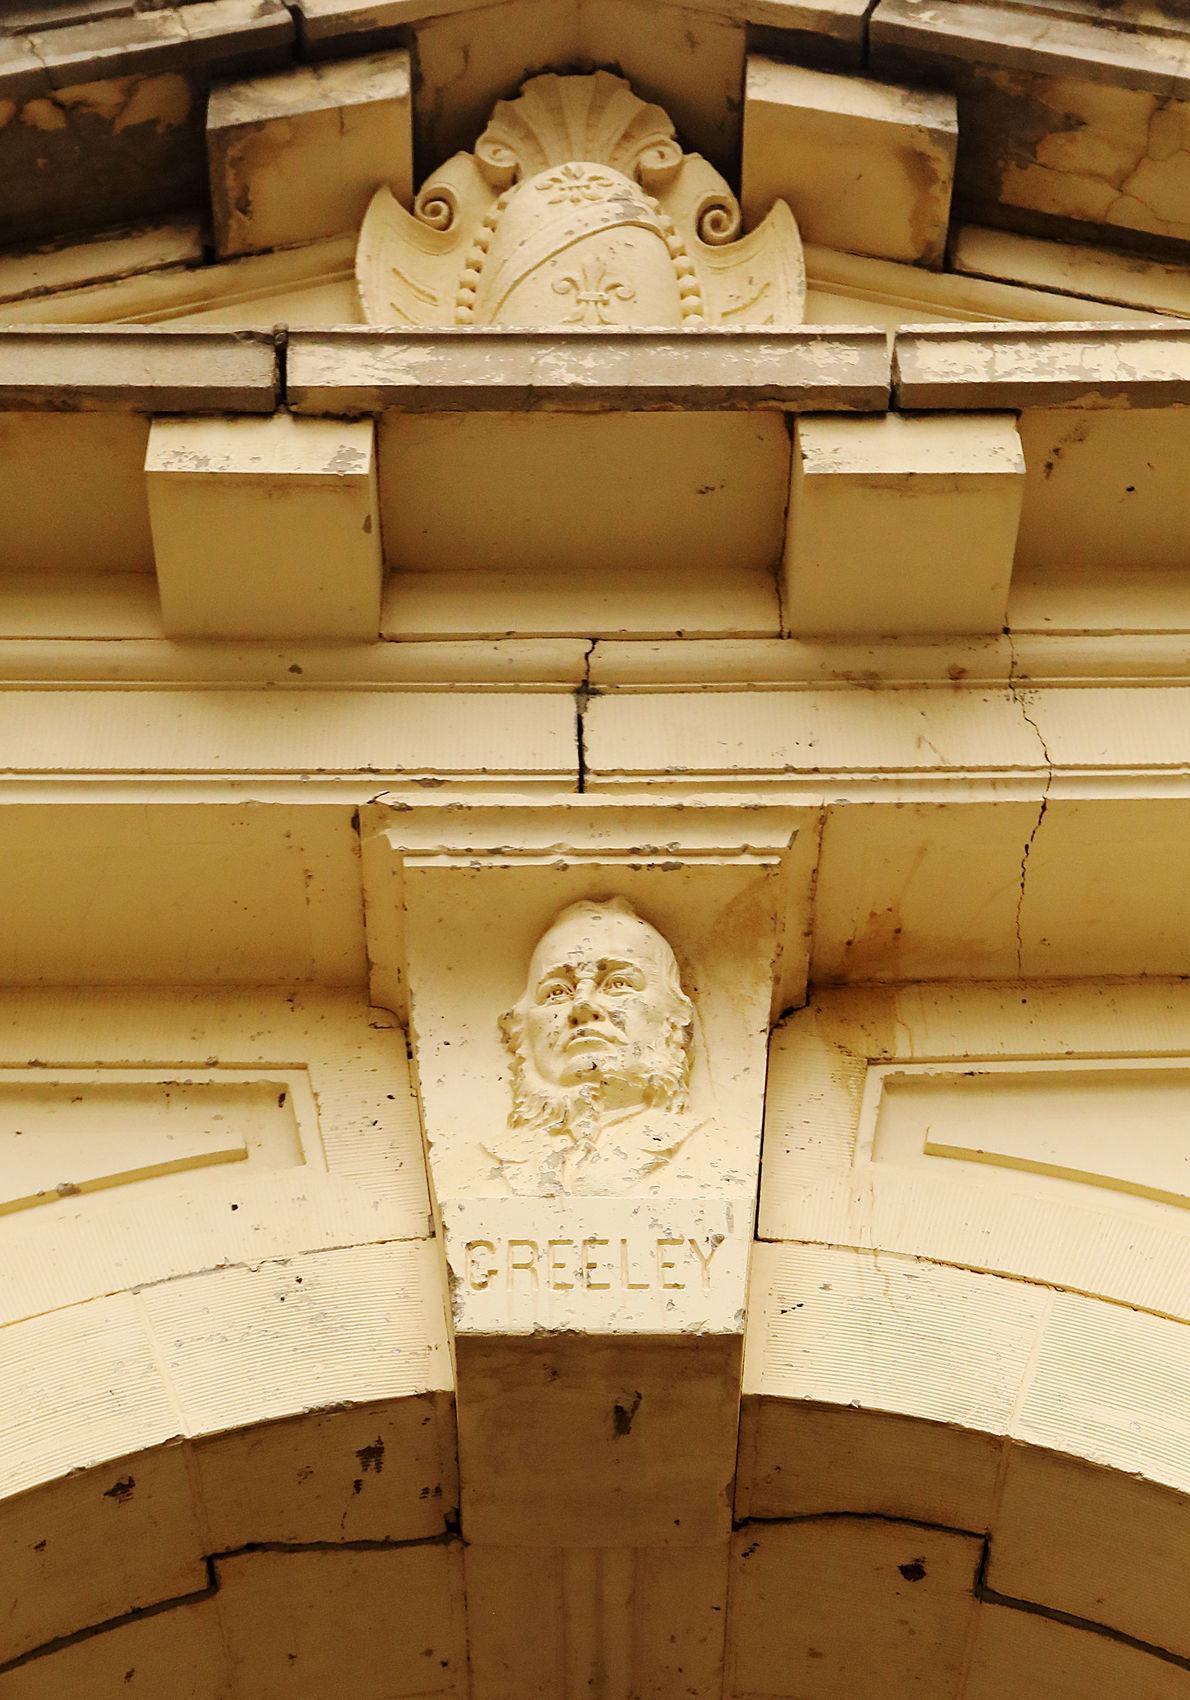 Greeley School facade